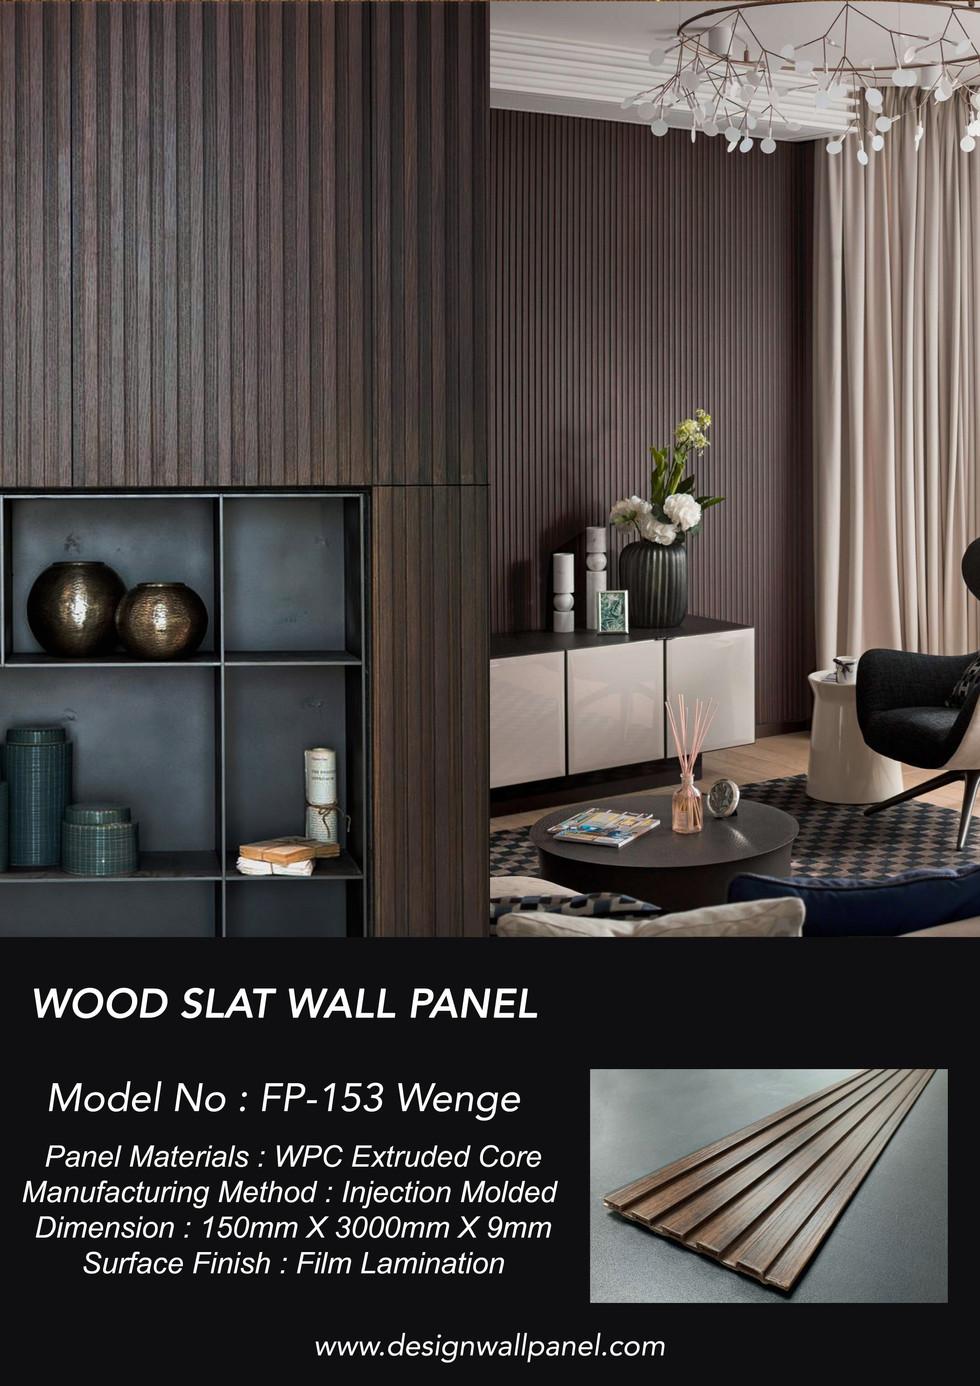 wood slat wall panel FP-153 wenge .jpg